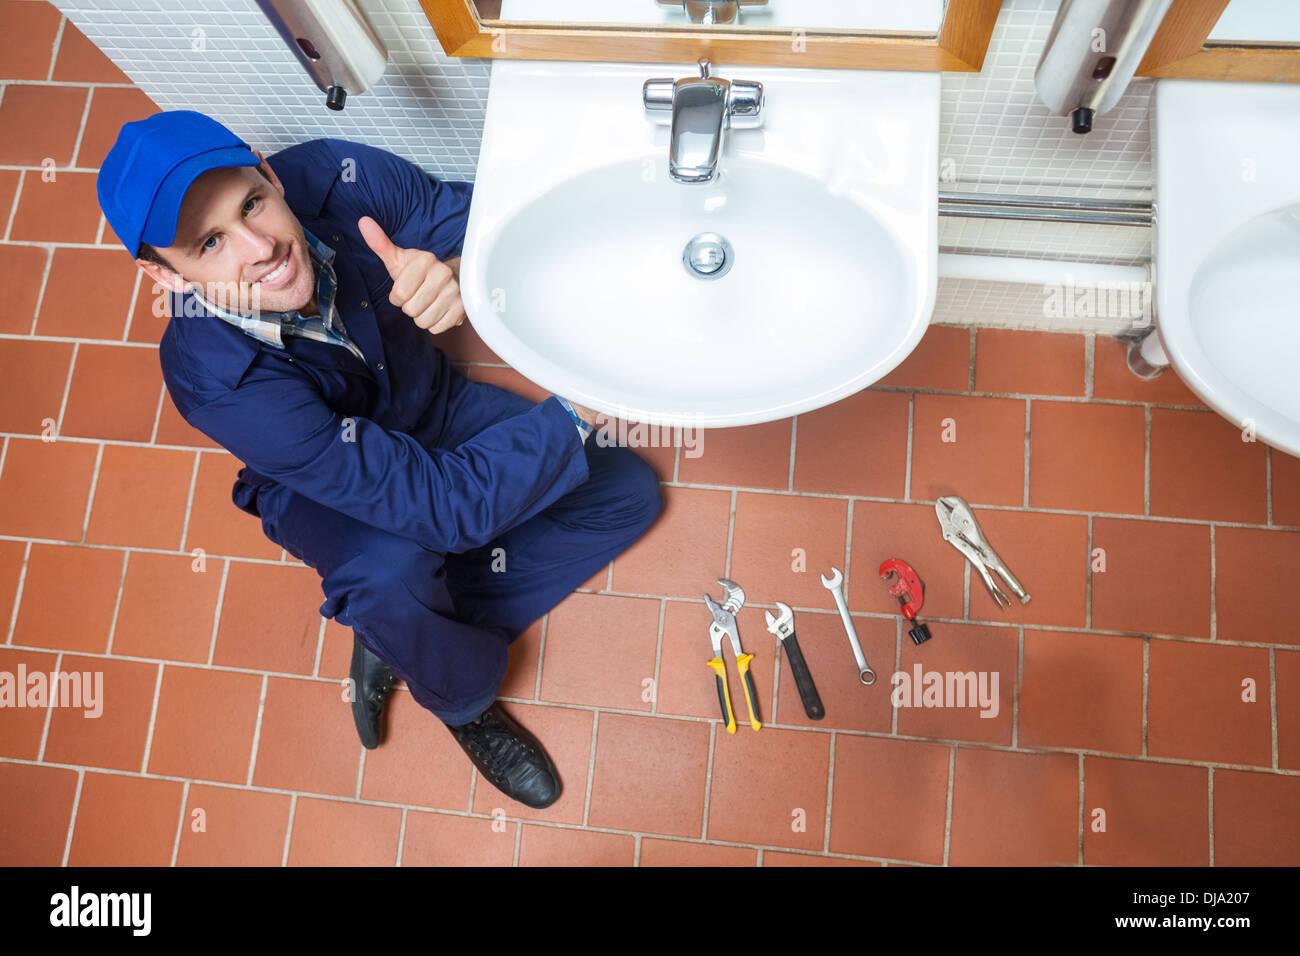 Alegre fontanero reparando sink mostrando pulgar arriba Imagen De Stock